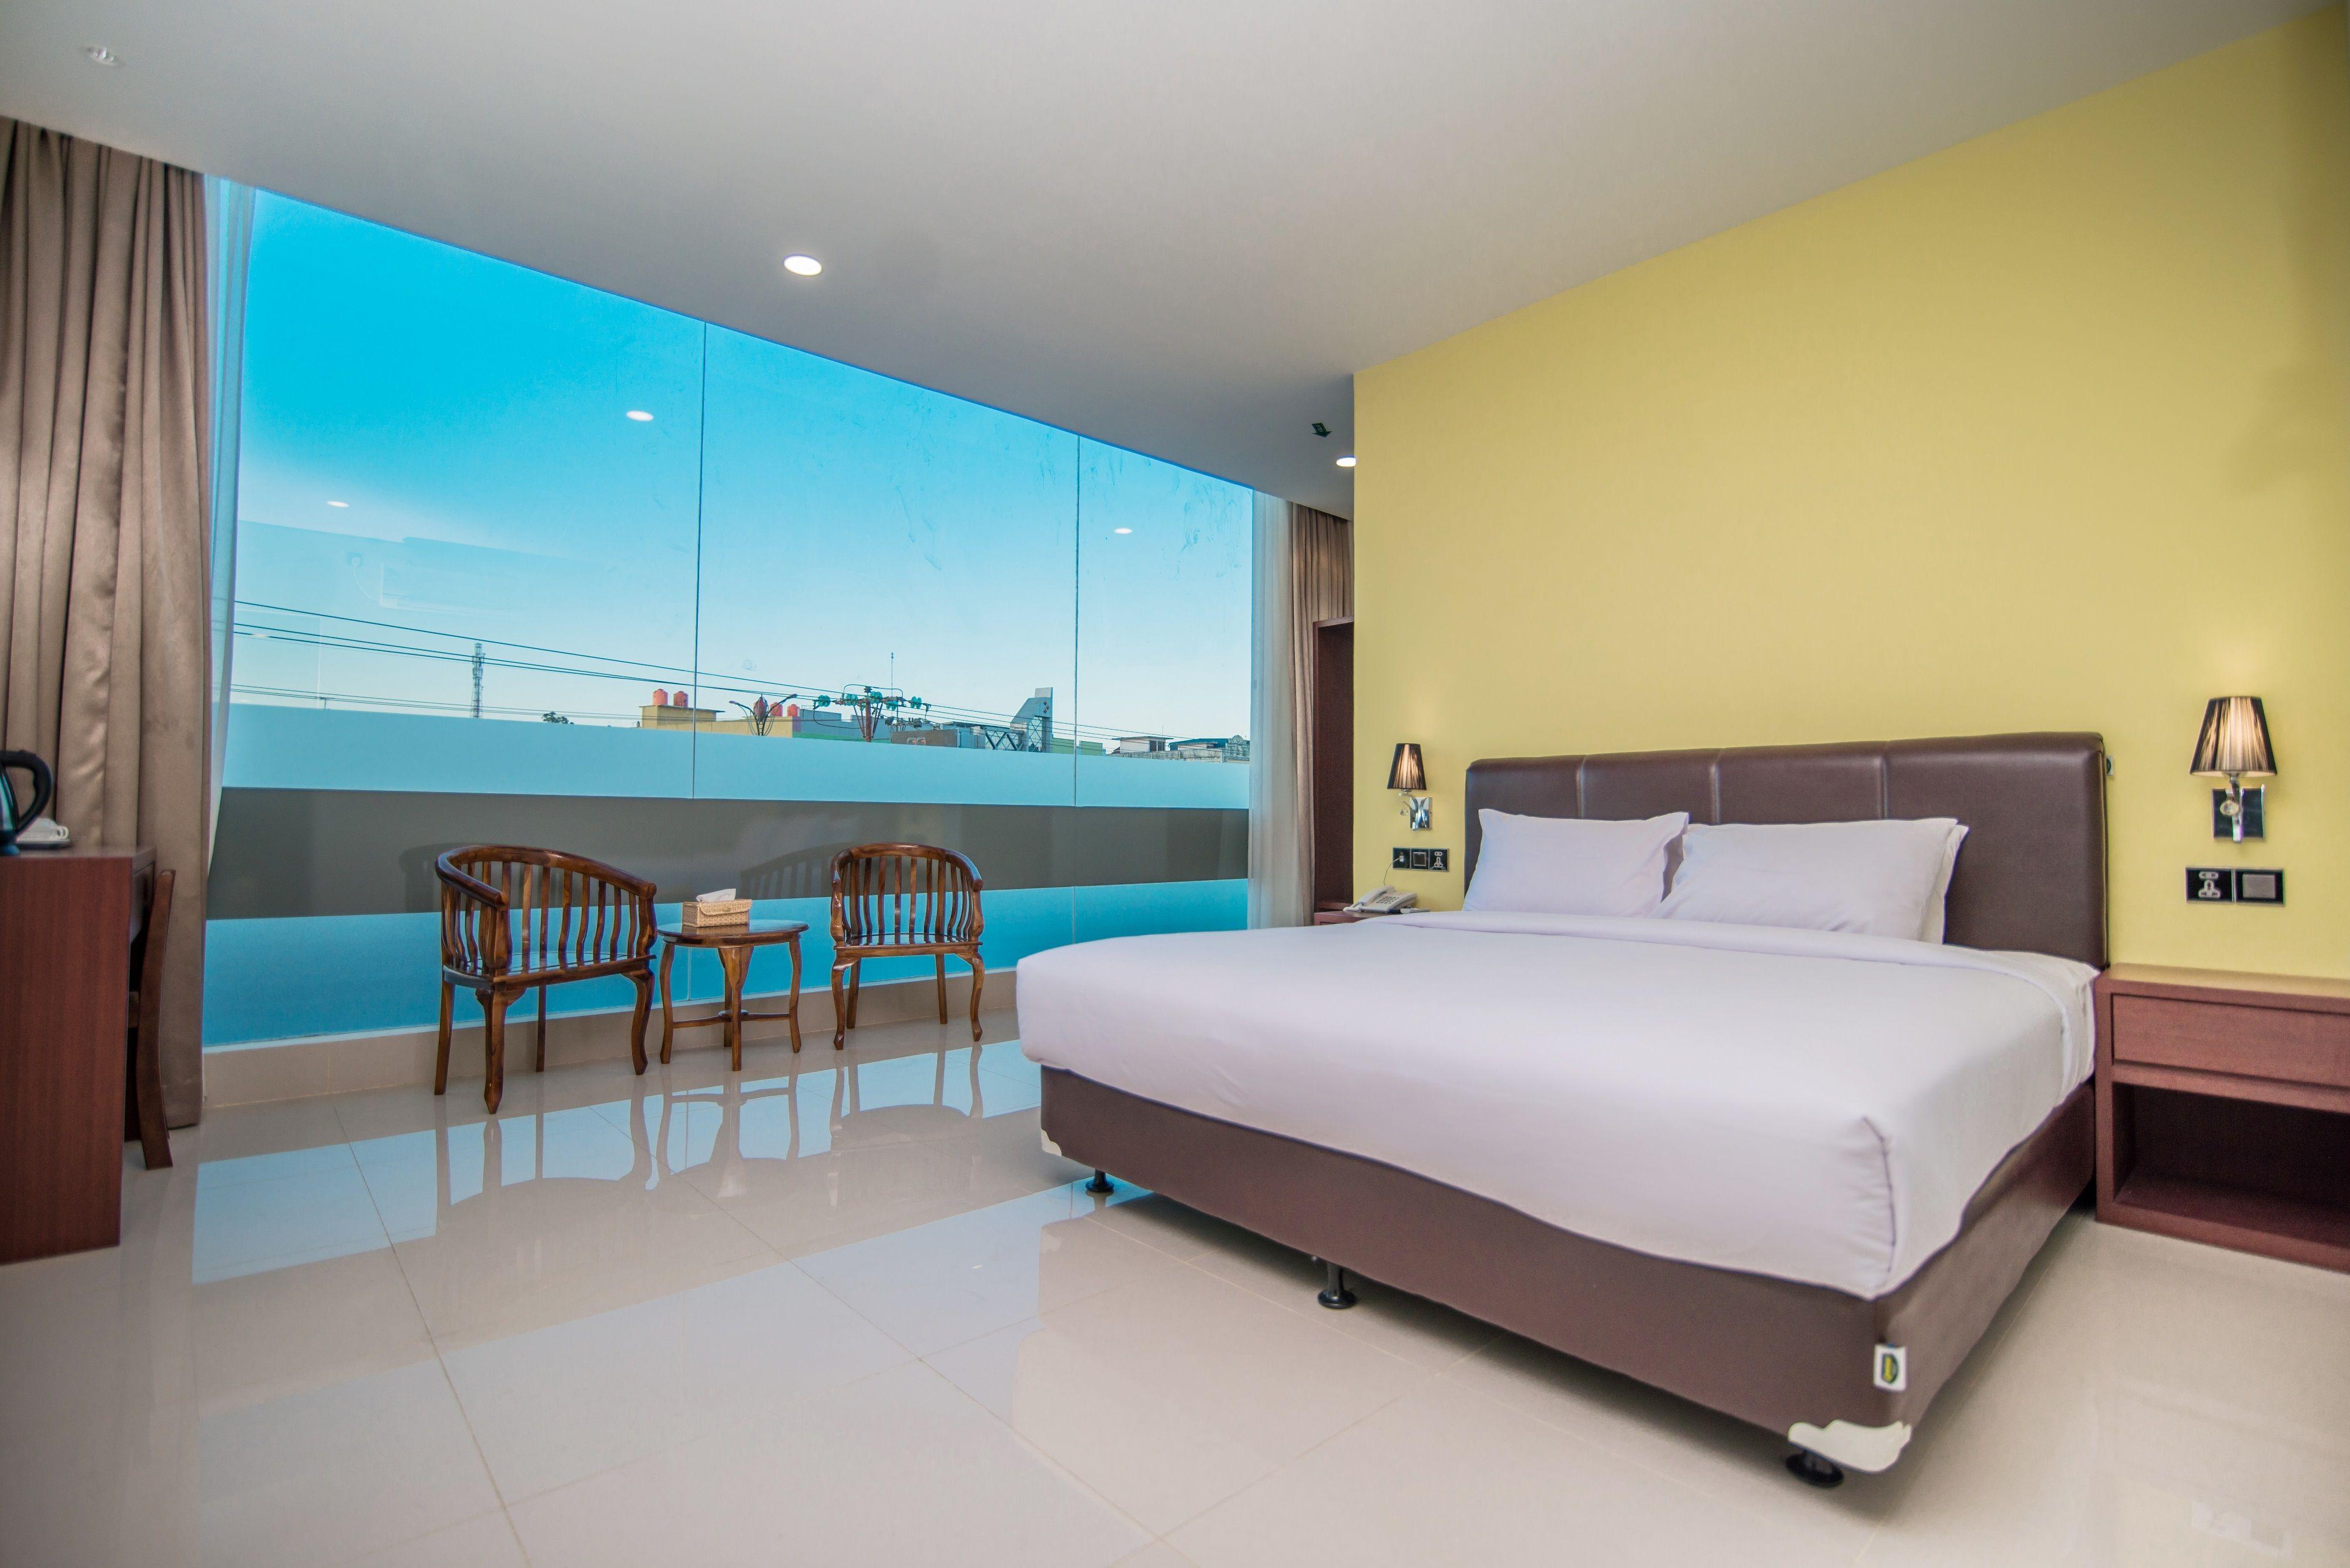 RAV Hotel, Tanjung Pinang